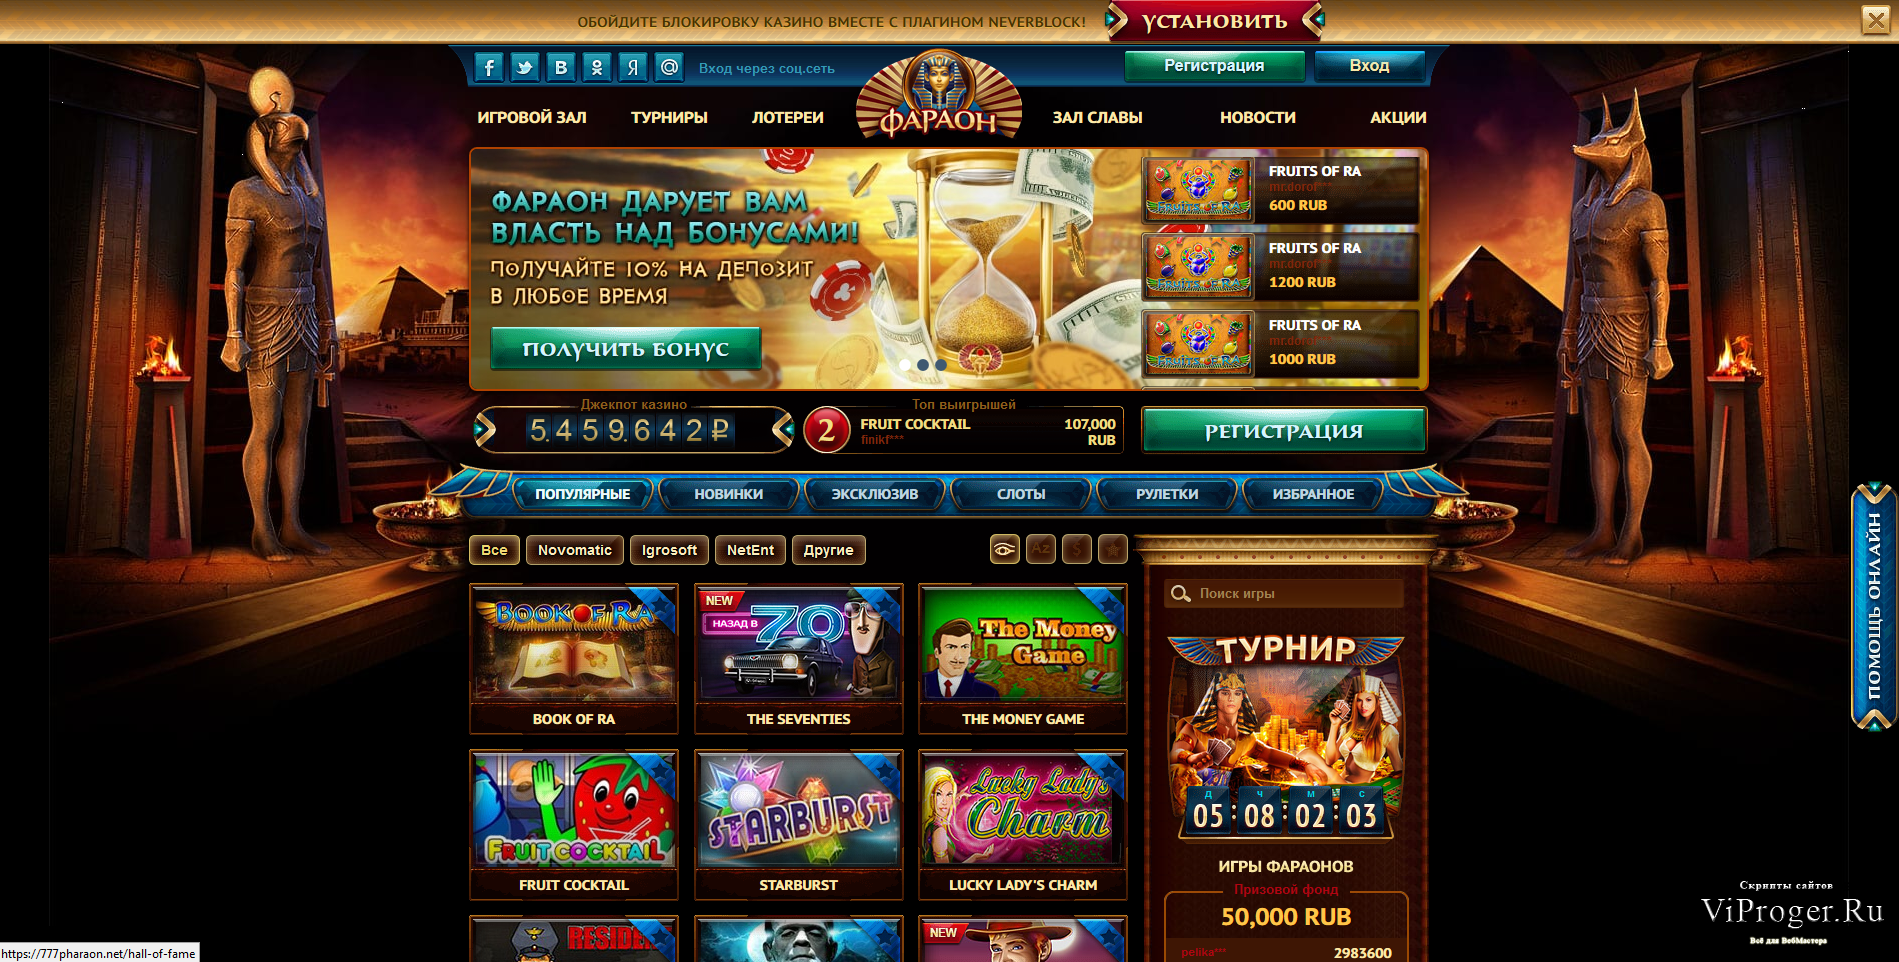 официальный сайт скачать рабочий скрипт казино фараон бесплатно